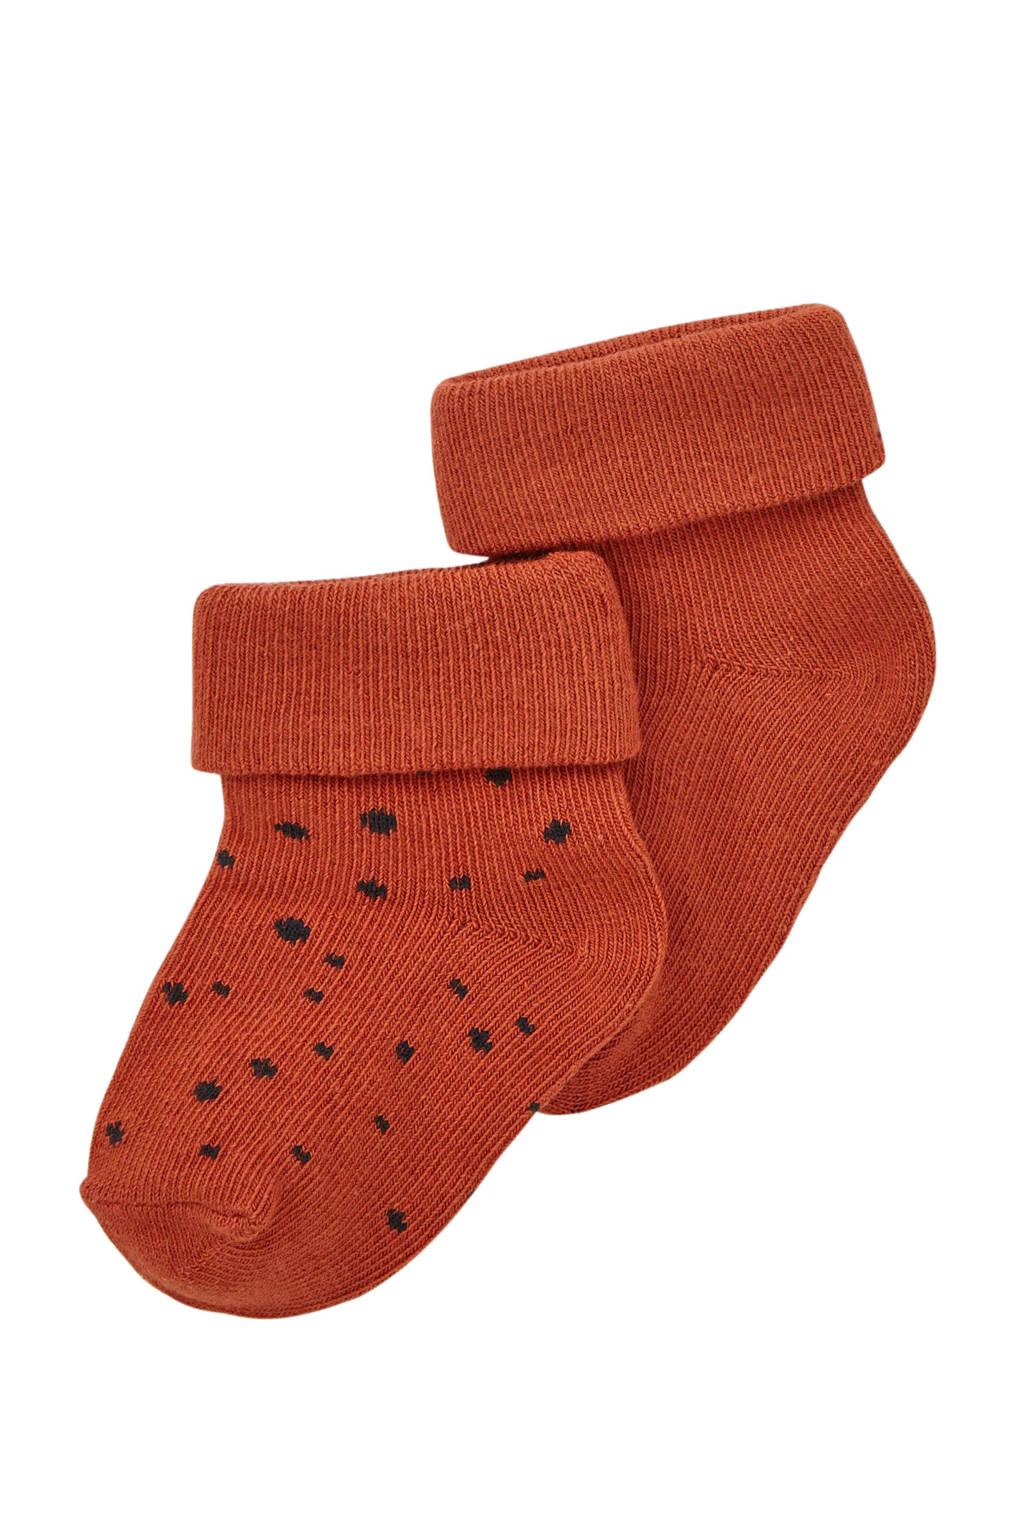 Noppies newborn baby sokken- set van 2, Donkeroranje